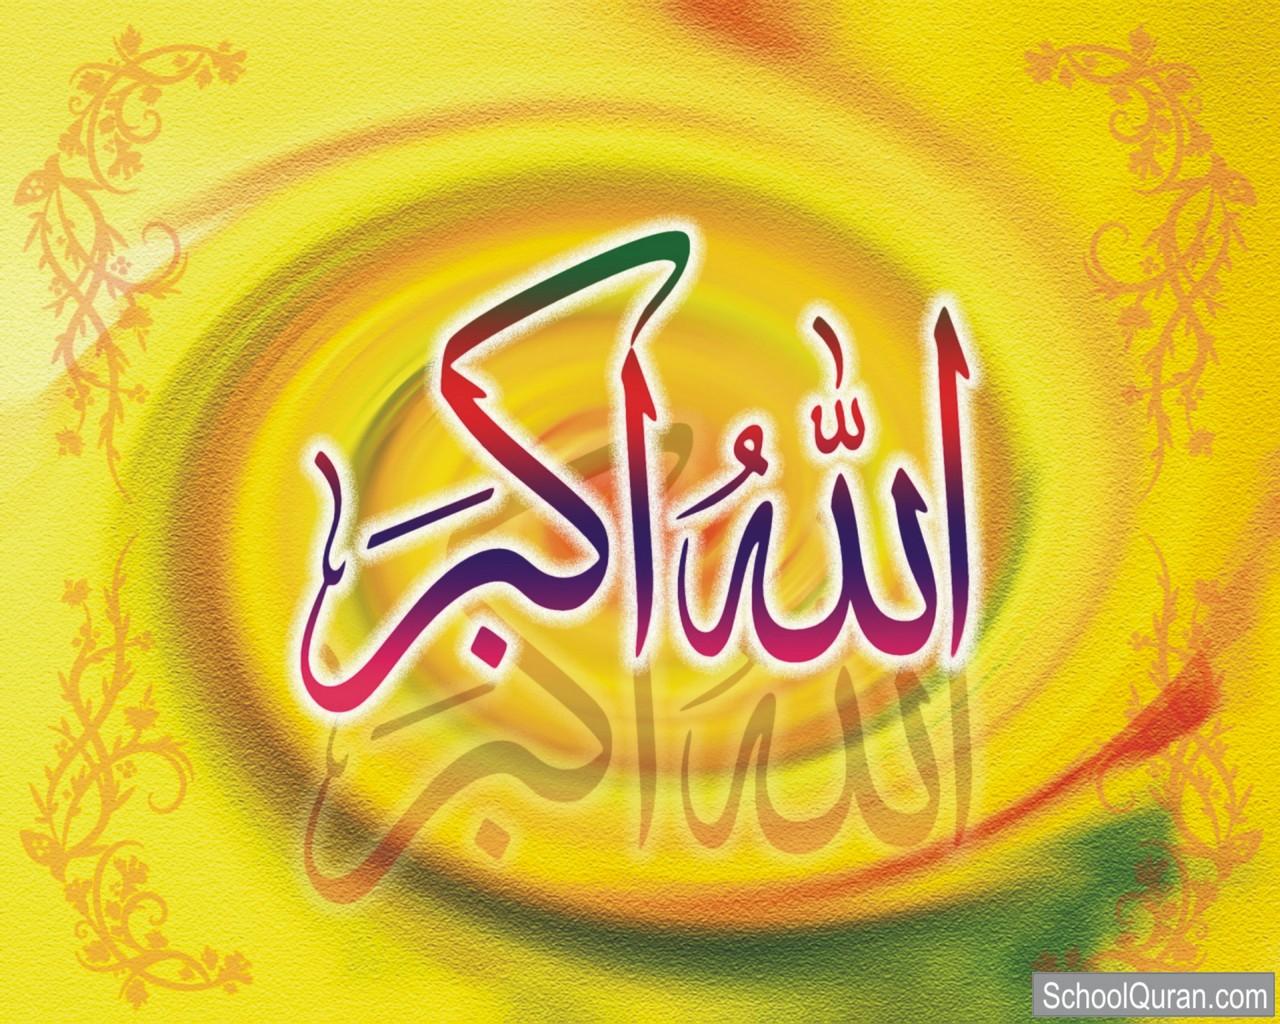 Islam Wallpaper Free Download